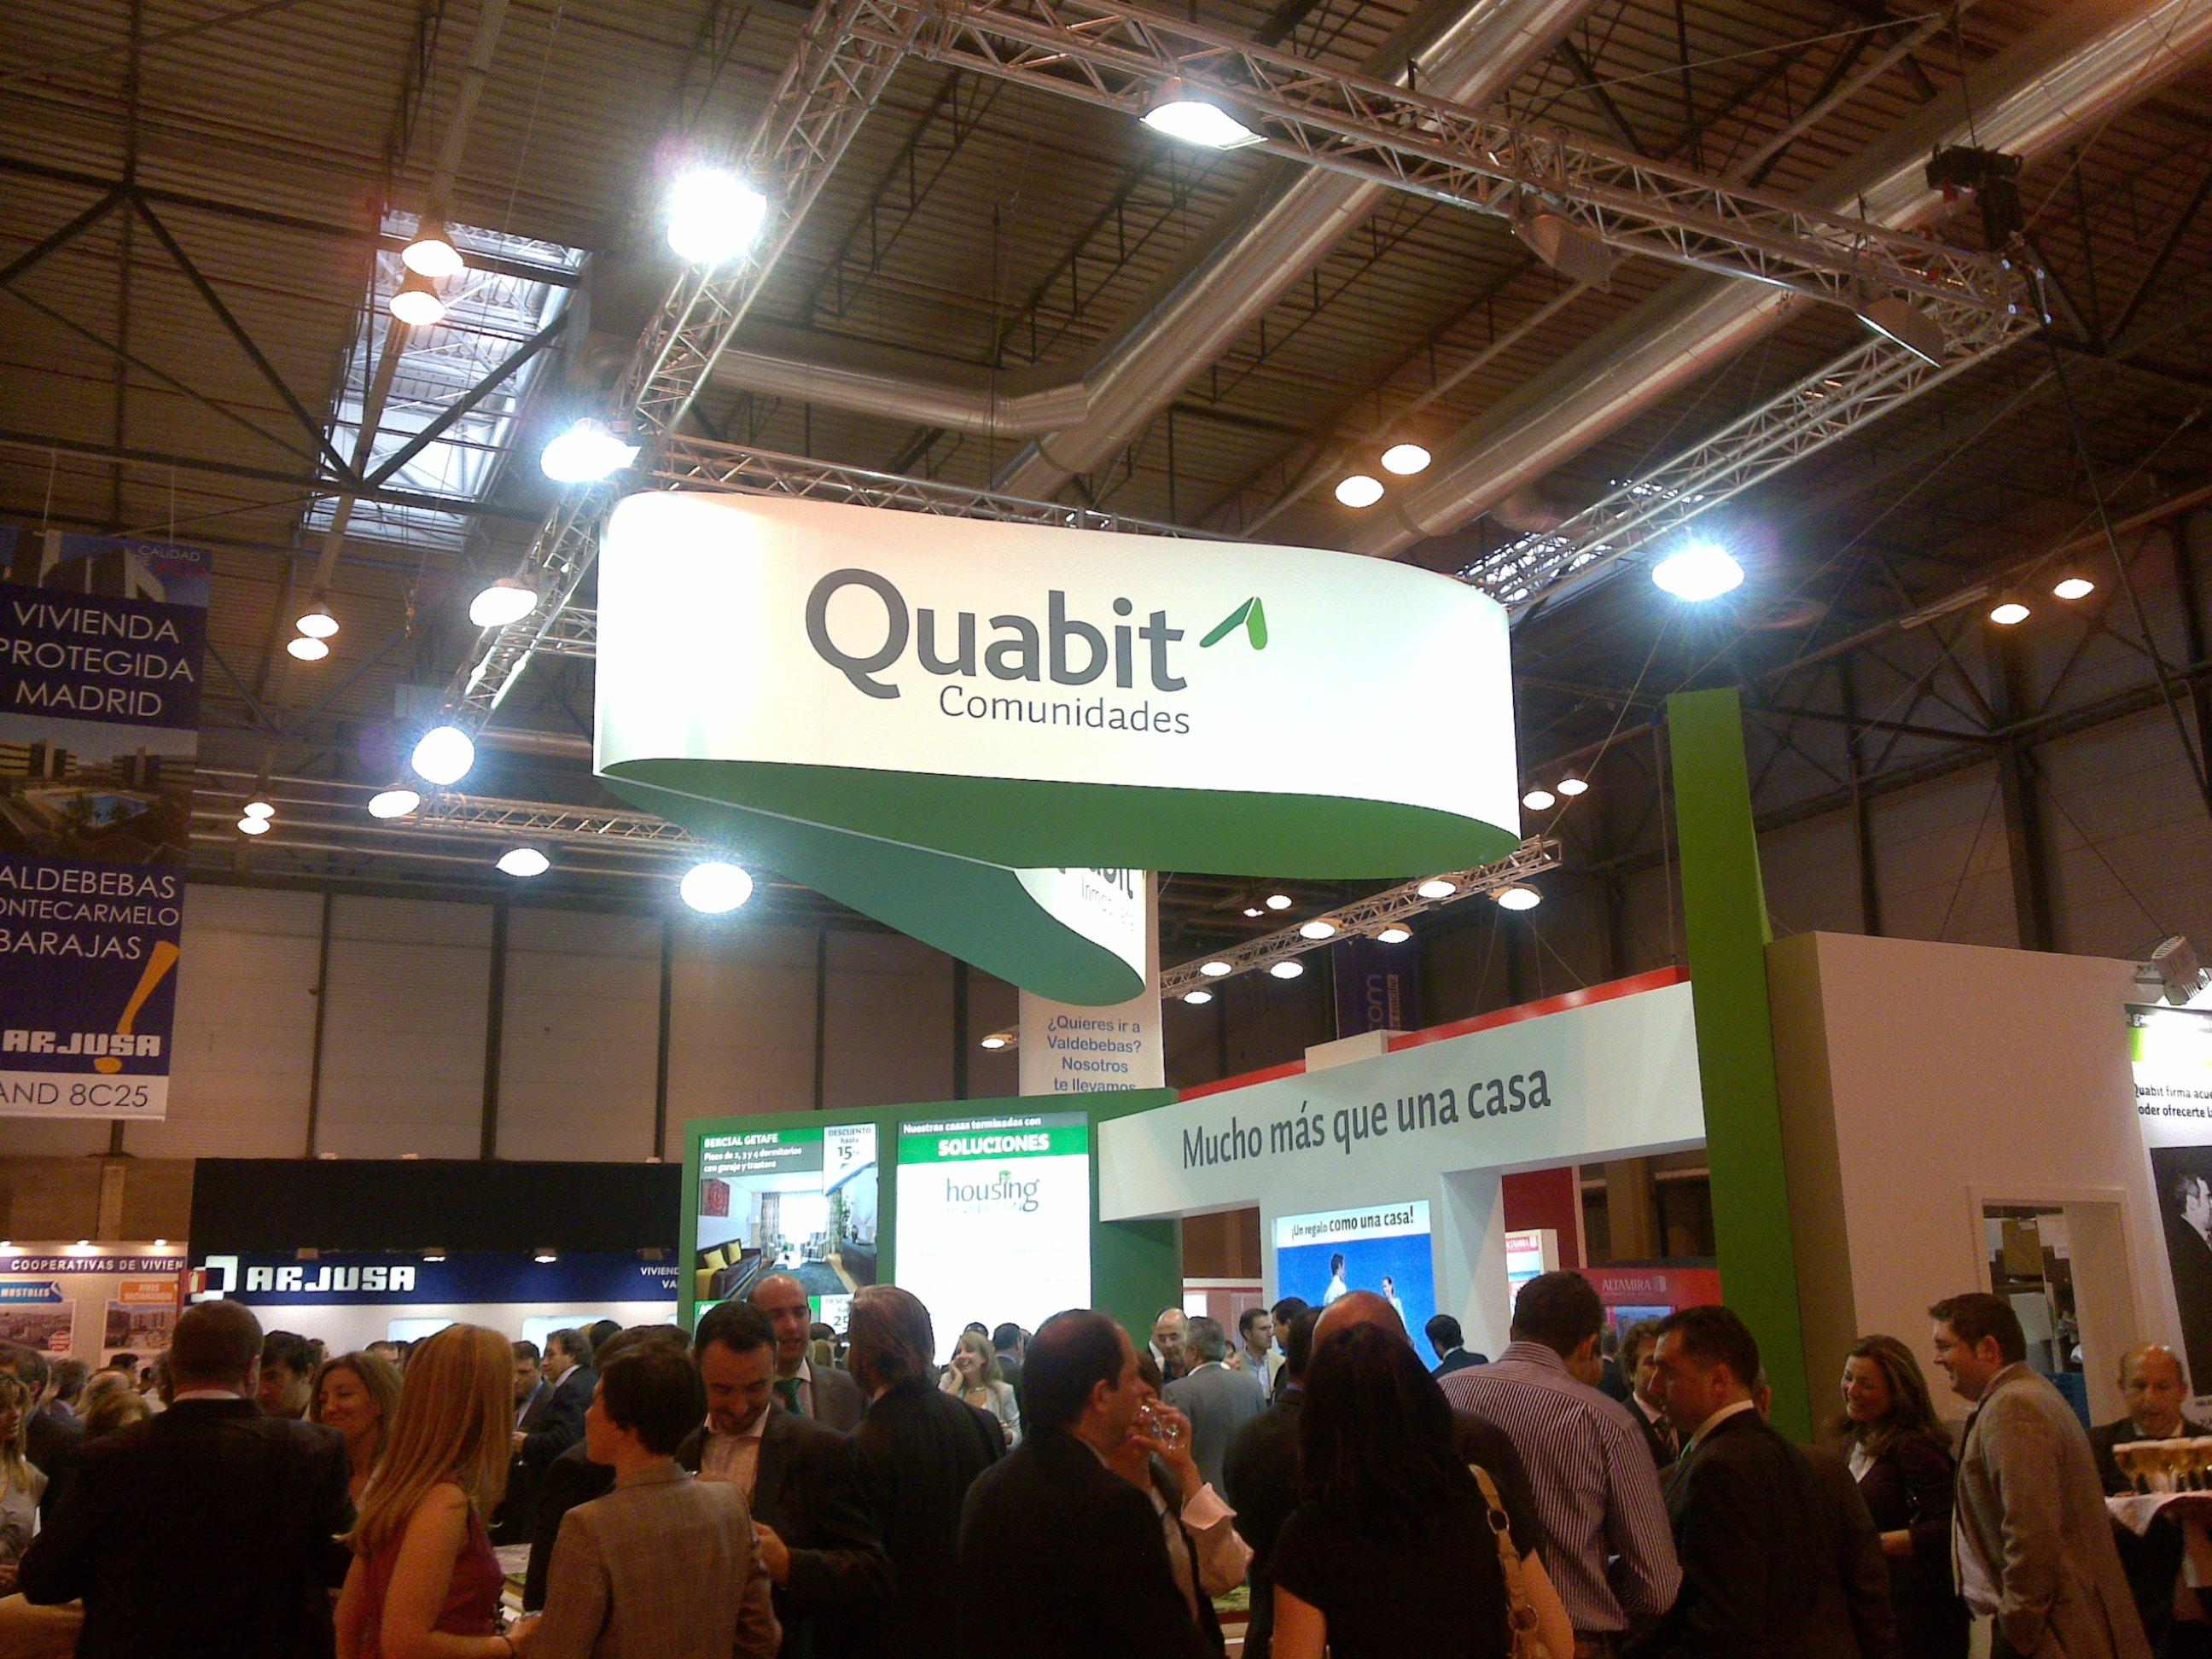 Stand Quabit